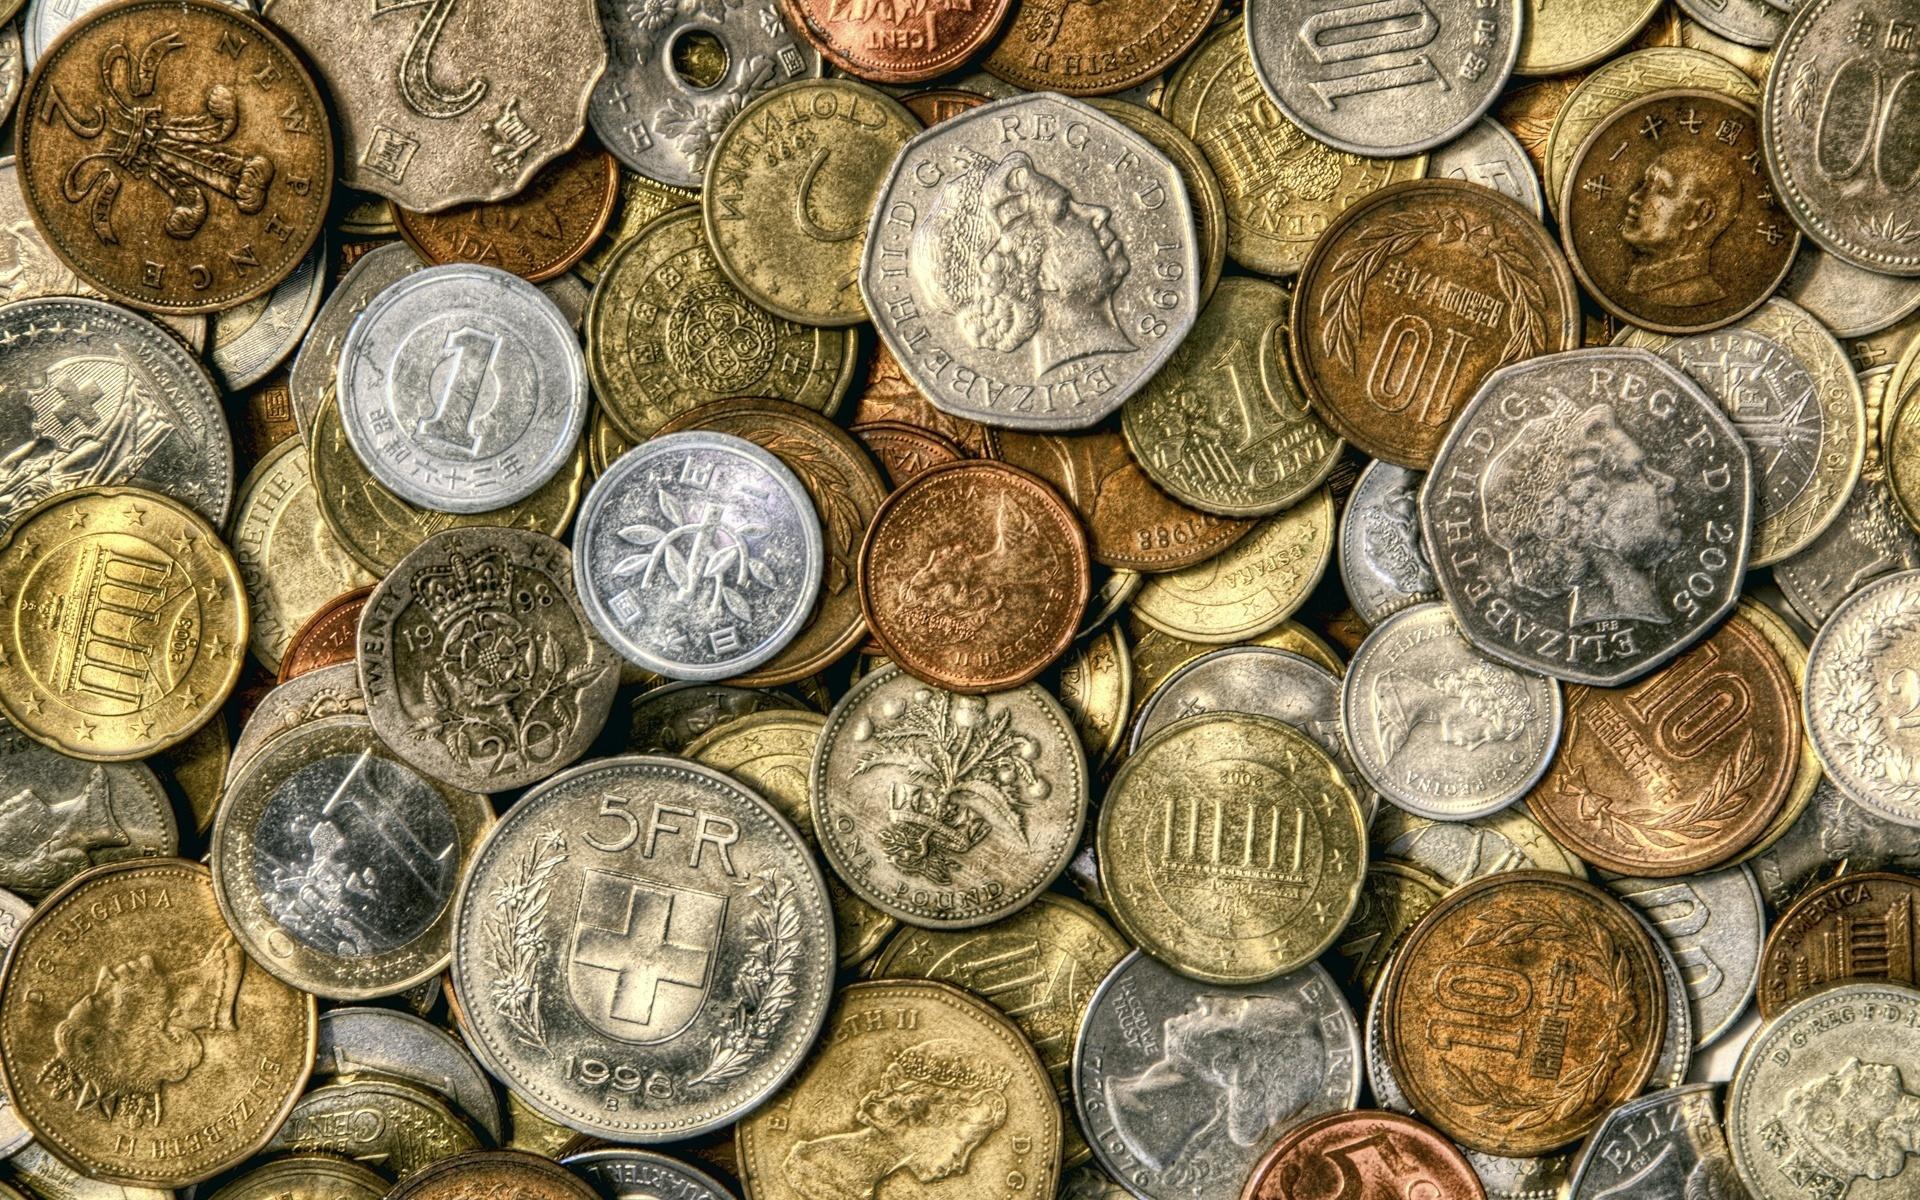 монеты, мелочь, копейки